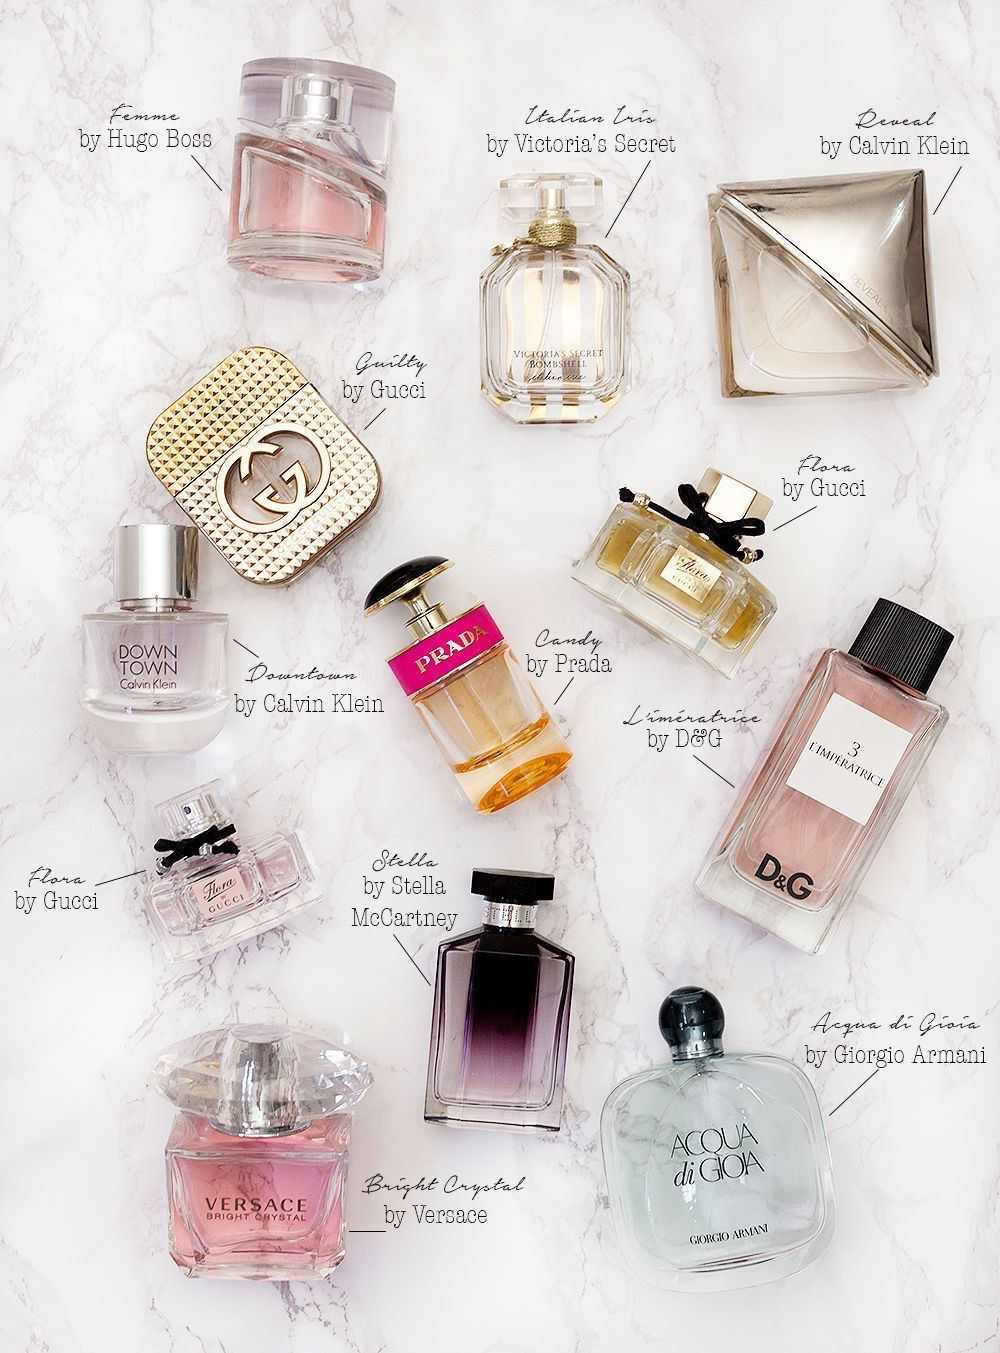 Los mejores perfumes al mejor precio! Regístrate starbuy